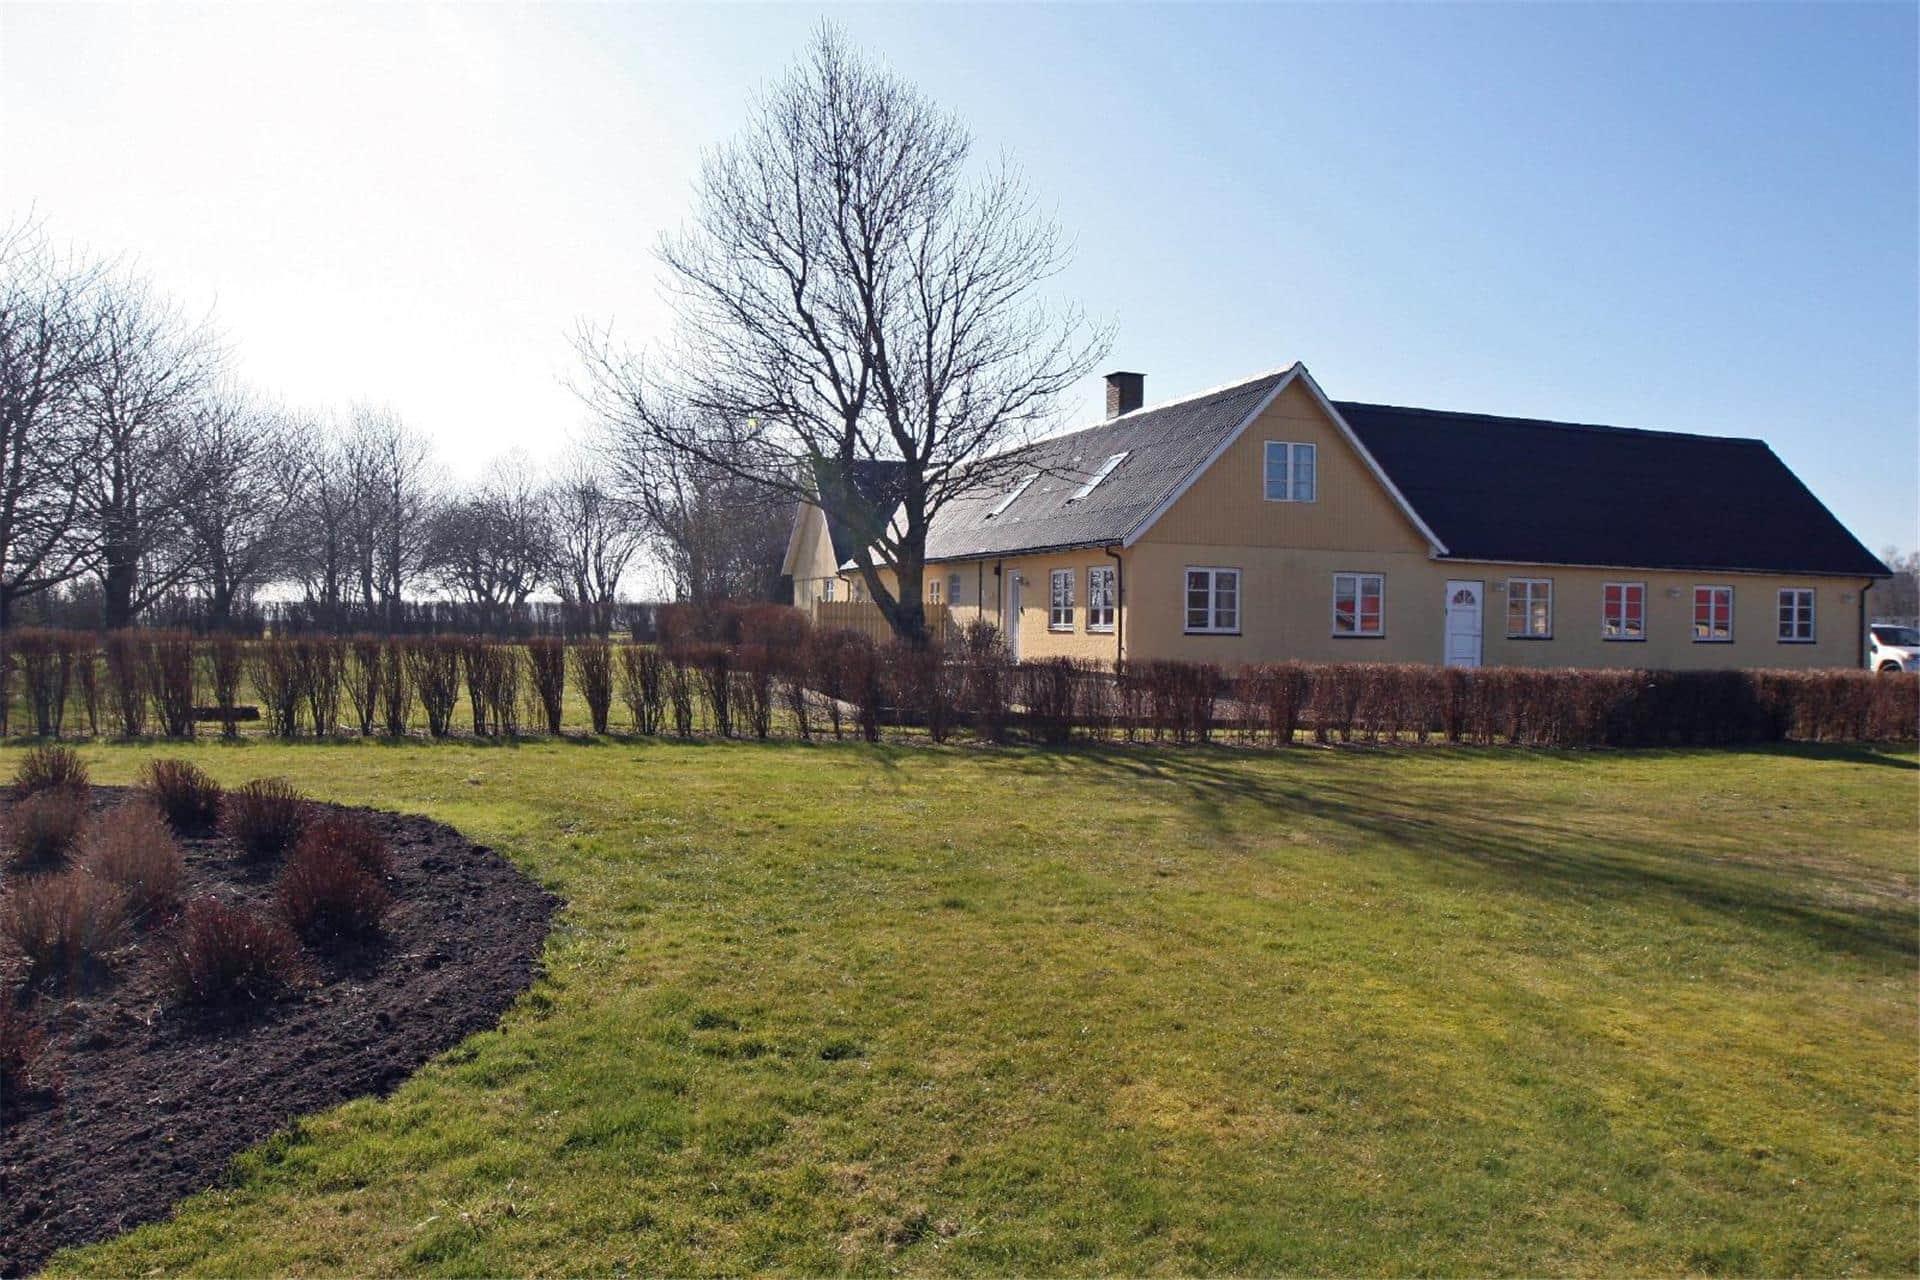 Billede 1-10 Sommerhus 4670, Bygaden 4, DK - 3720 Aakirkeby